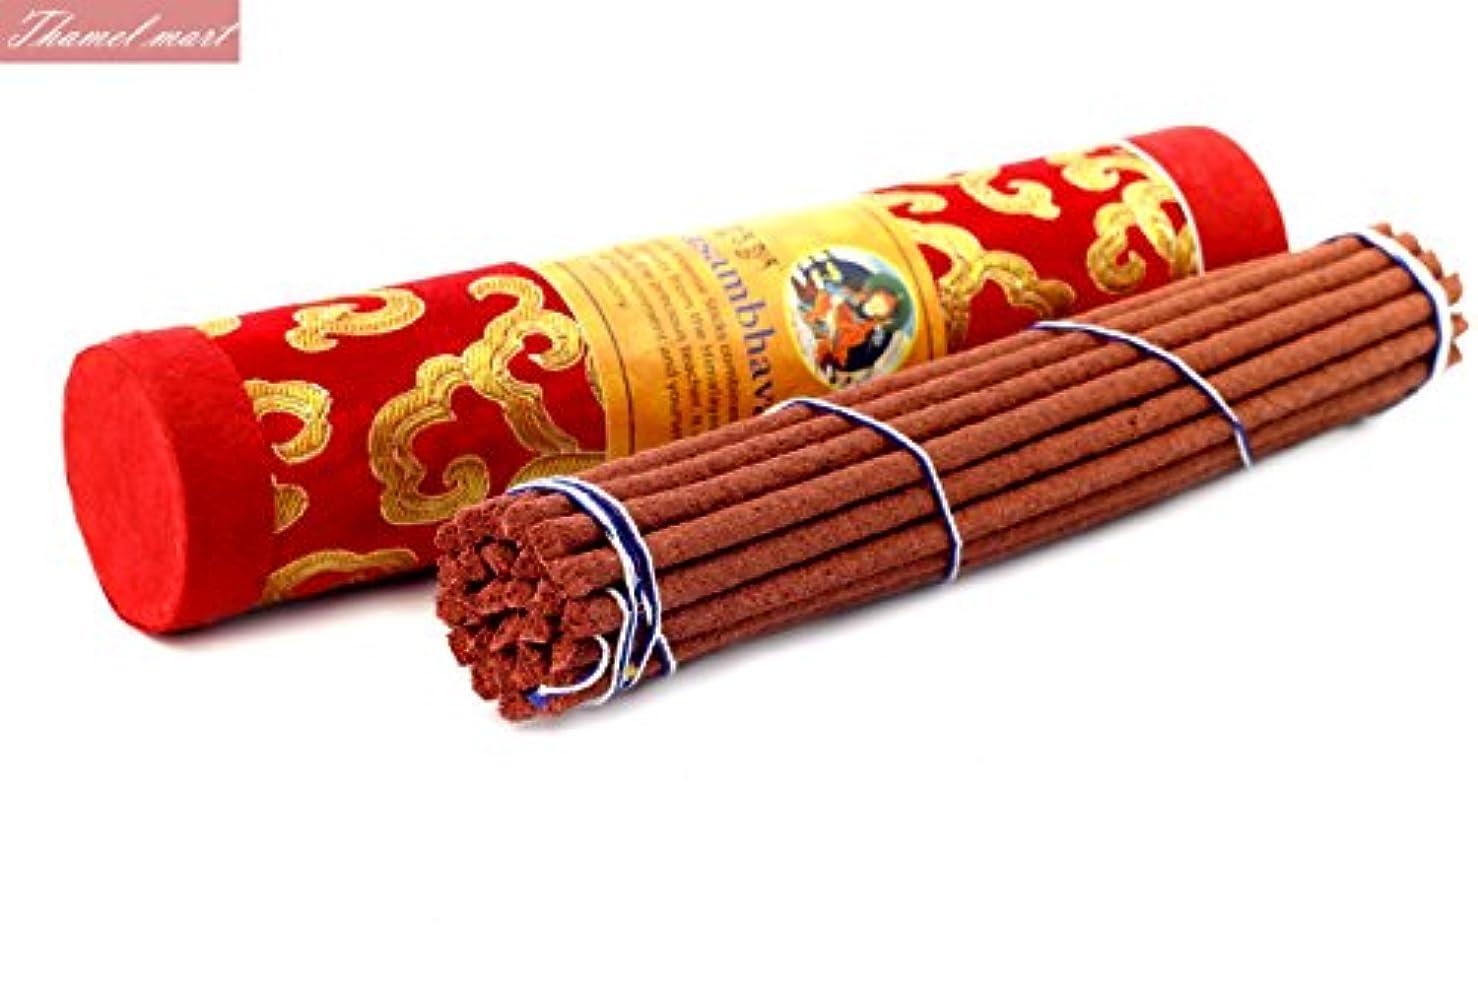 倫理失礼な散るPadmasambhava Tibetan Incense Sticks – Spiritual & Medicinal Relaxation Potpourrisより – 効果的& Scented Oils